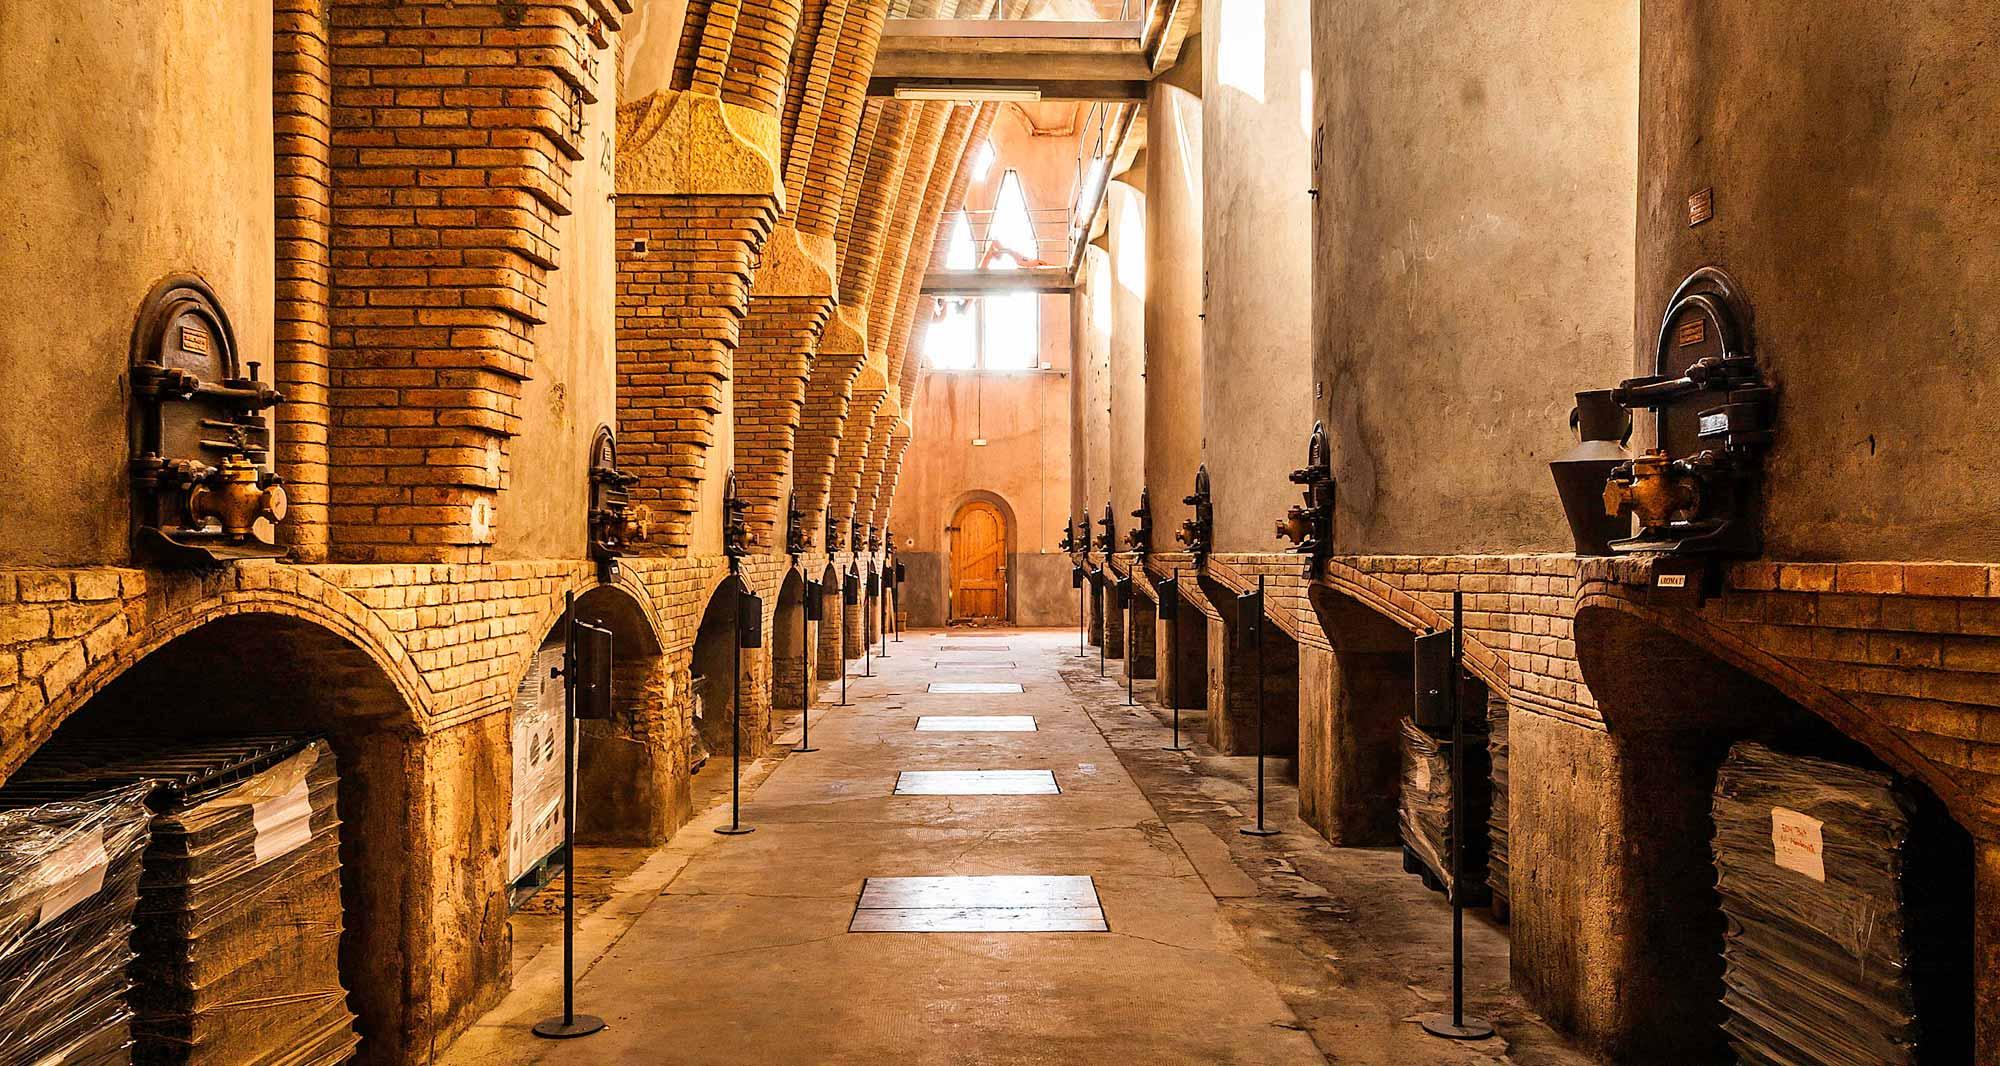 catedral-del-vi-pasadis-tinells-emagatzematge-vi